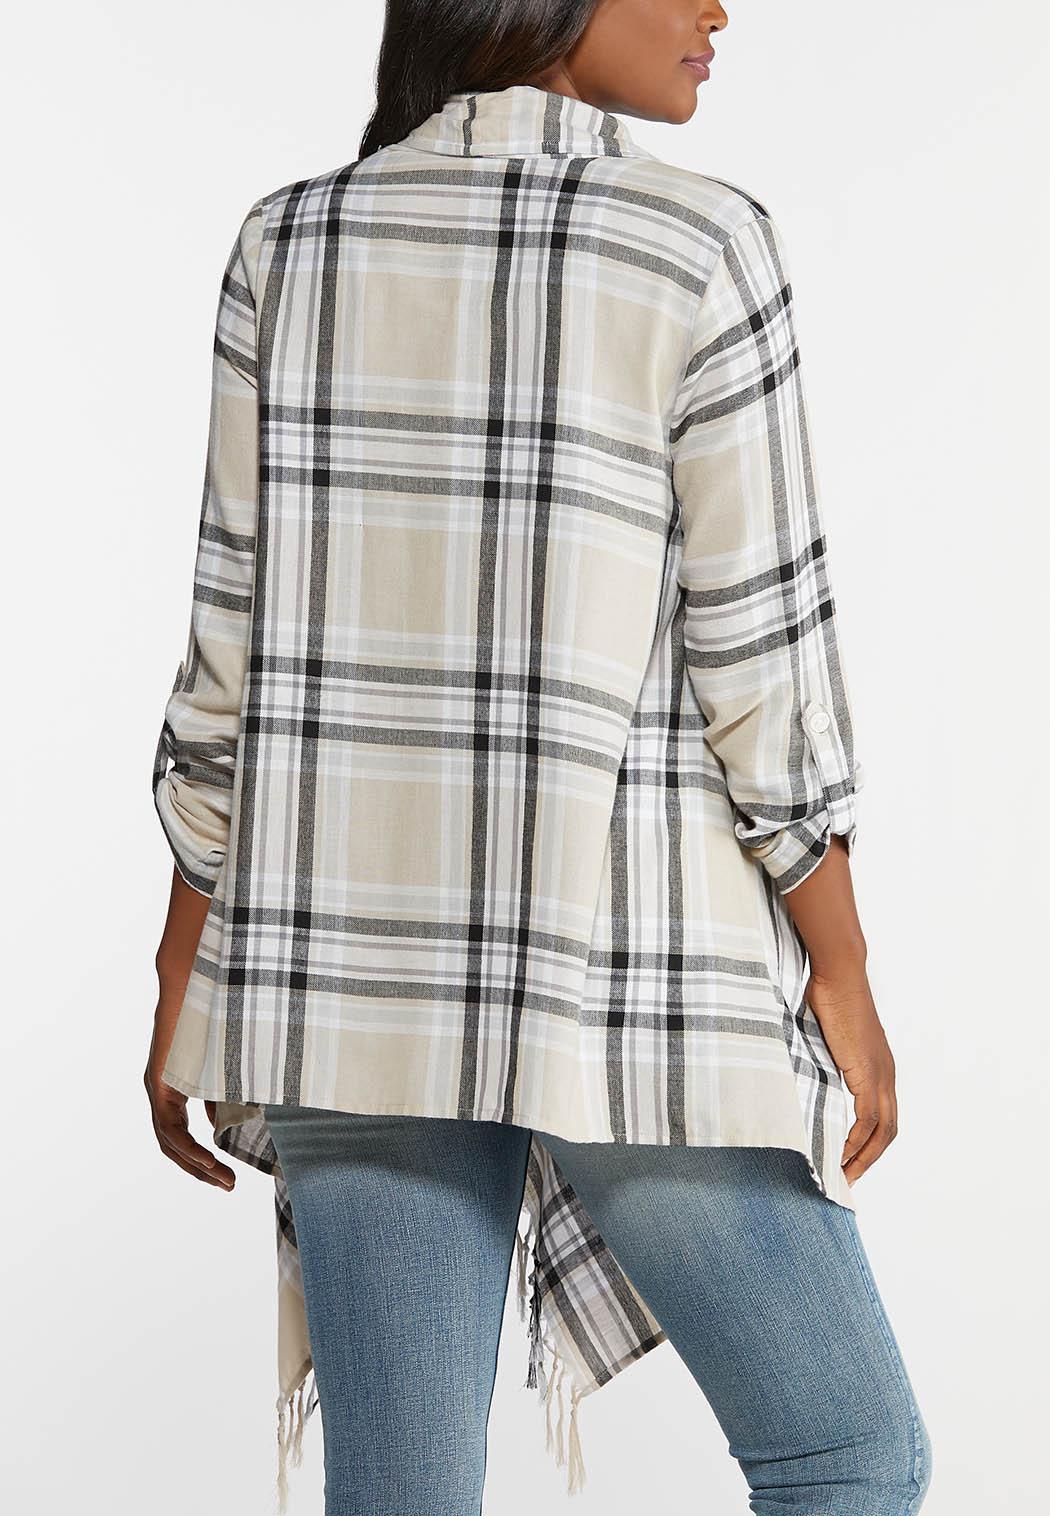 Plus Size Plaid Fringed Jacket (Item #43957866)